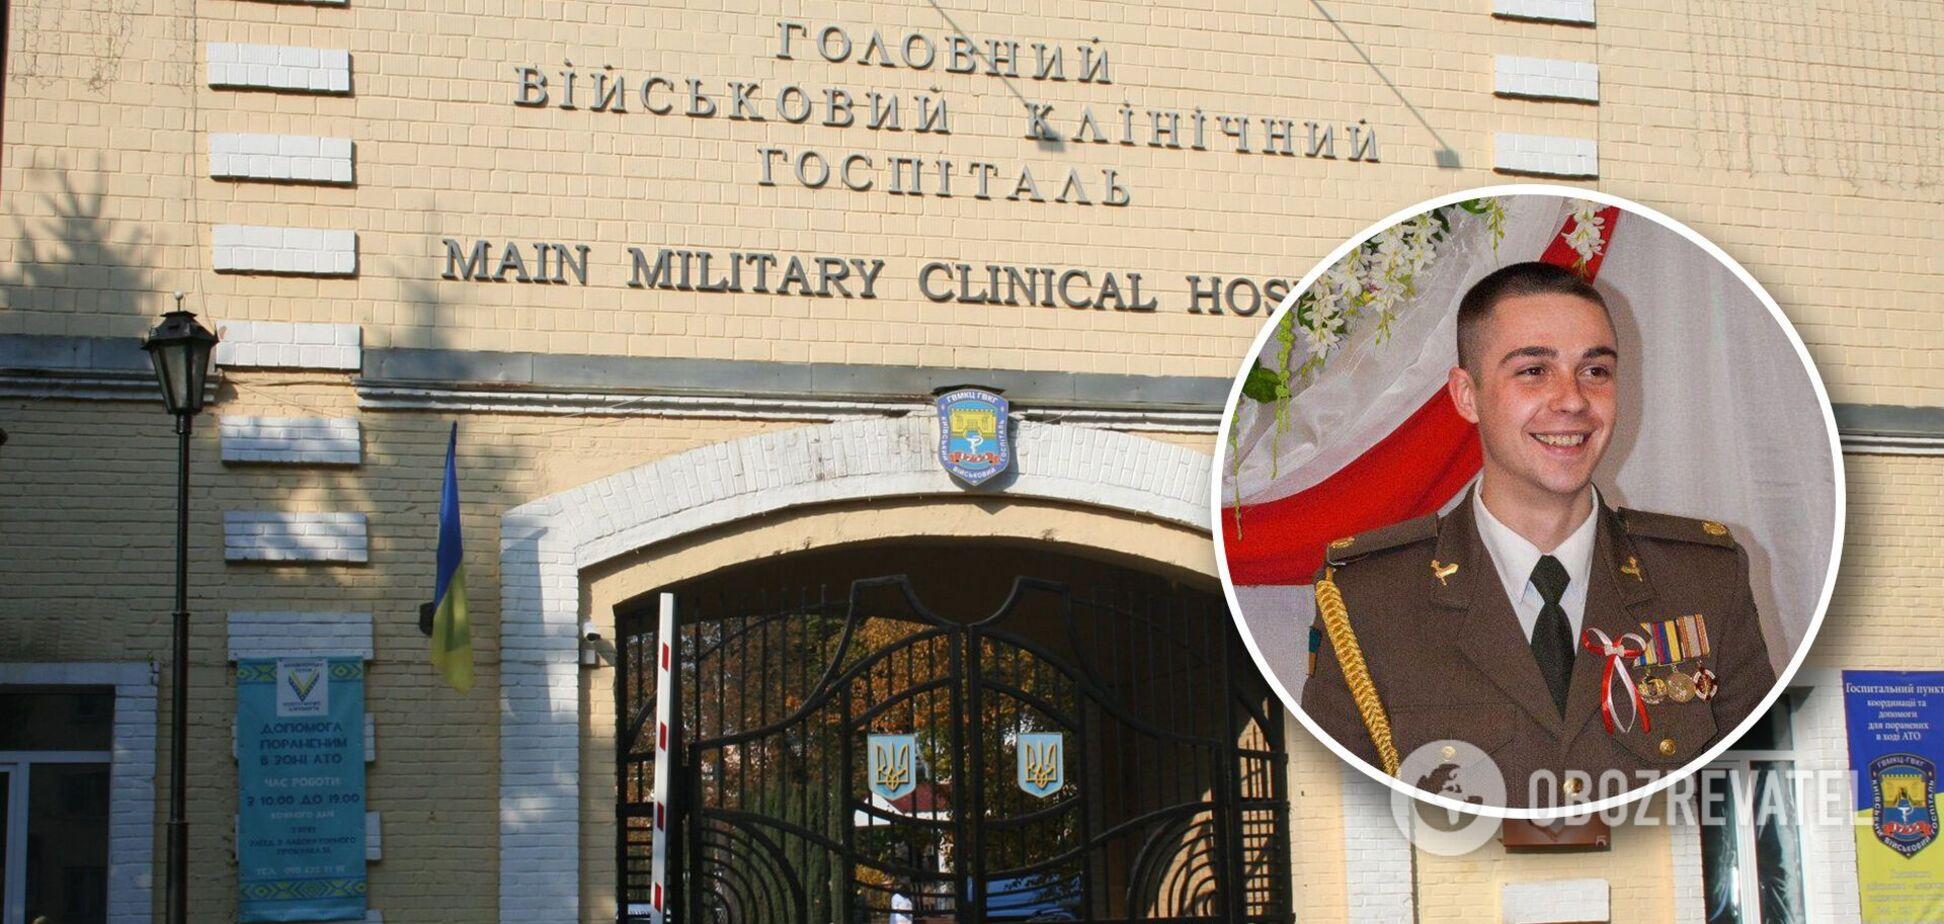 Даниил Скрябин военный госпиталь